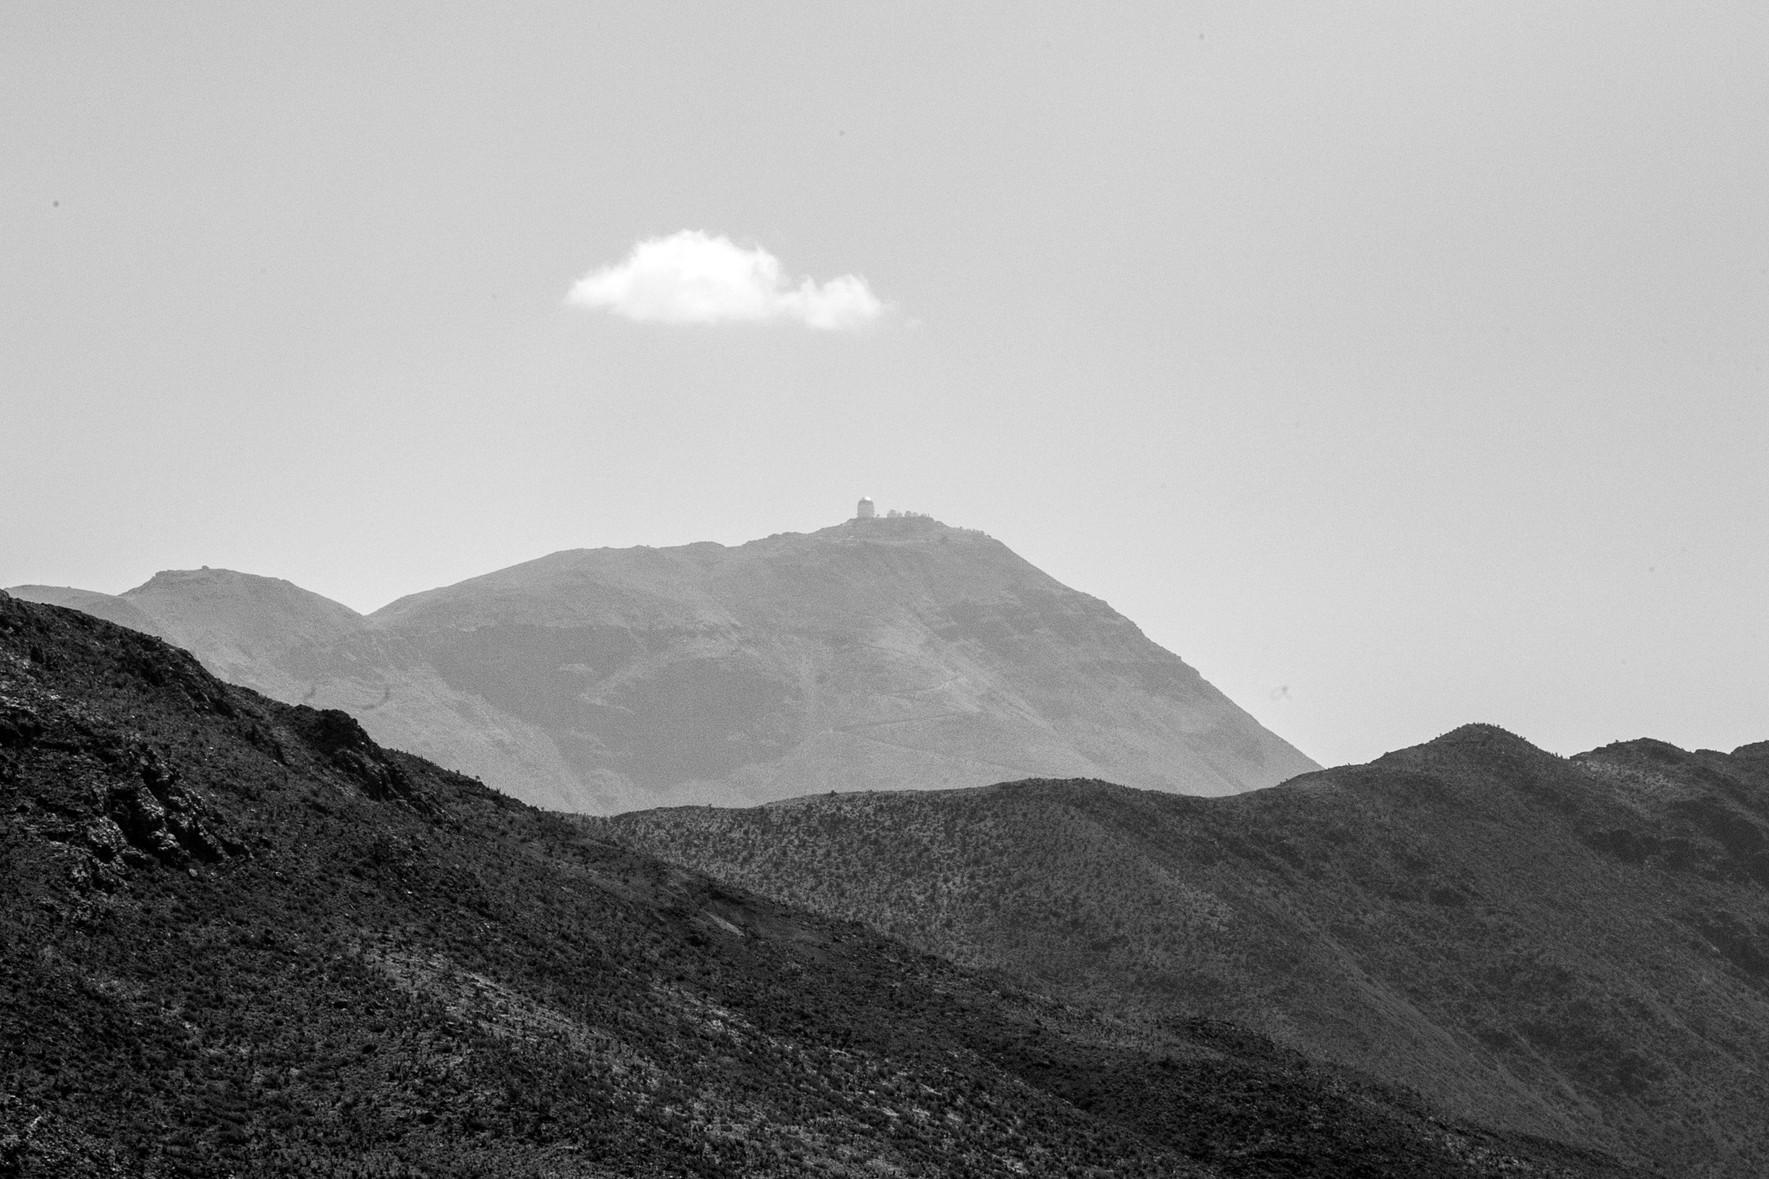 Vue sur un observatoire spatial dans la vallée de l'Elqui au Chili, haut lieu d'astronomie